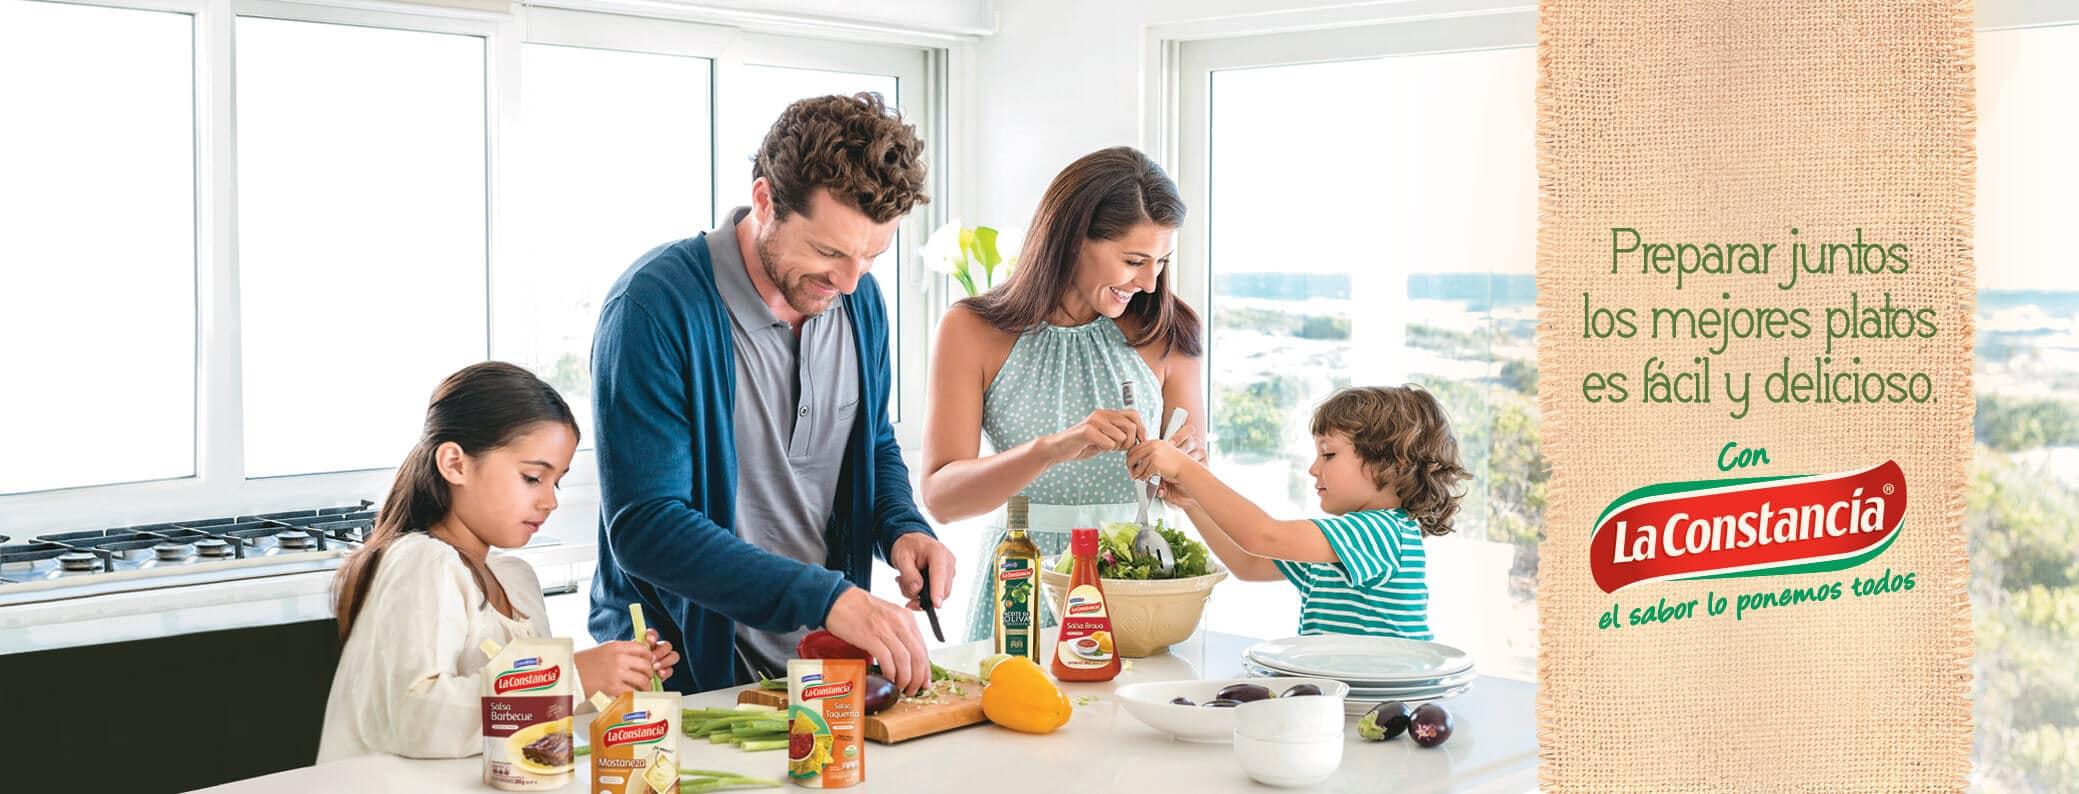 Preparar juntos los mejores platos